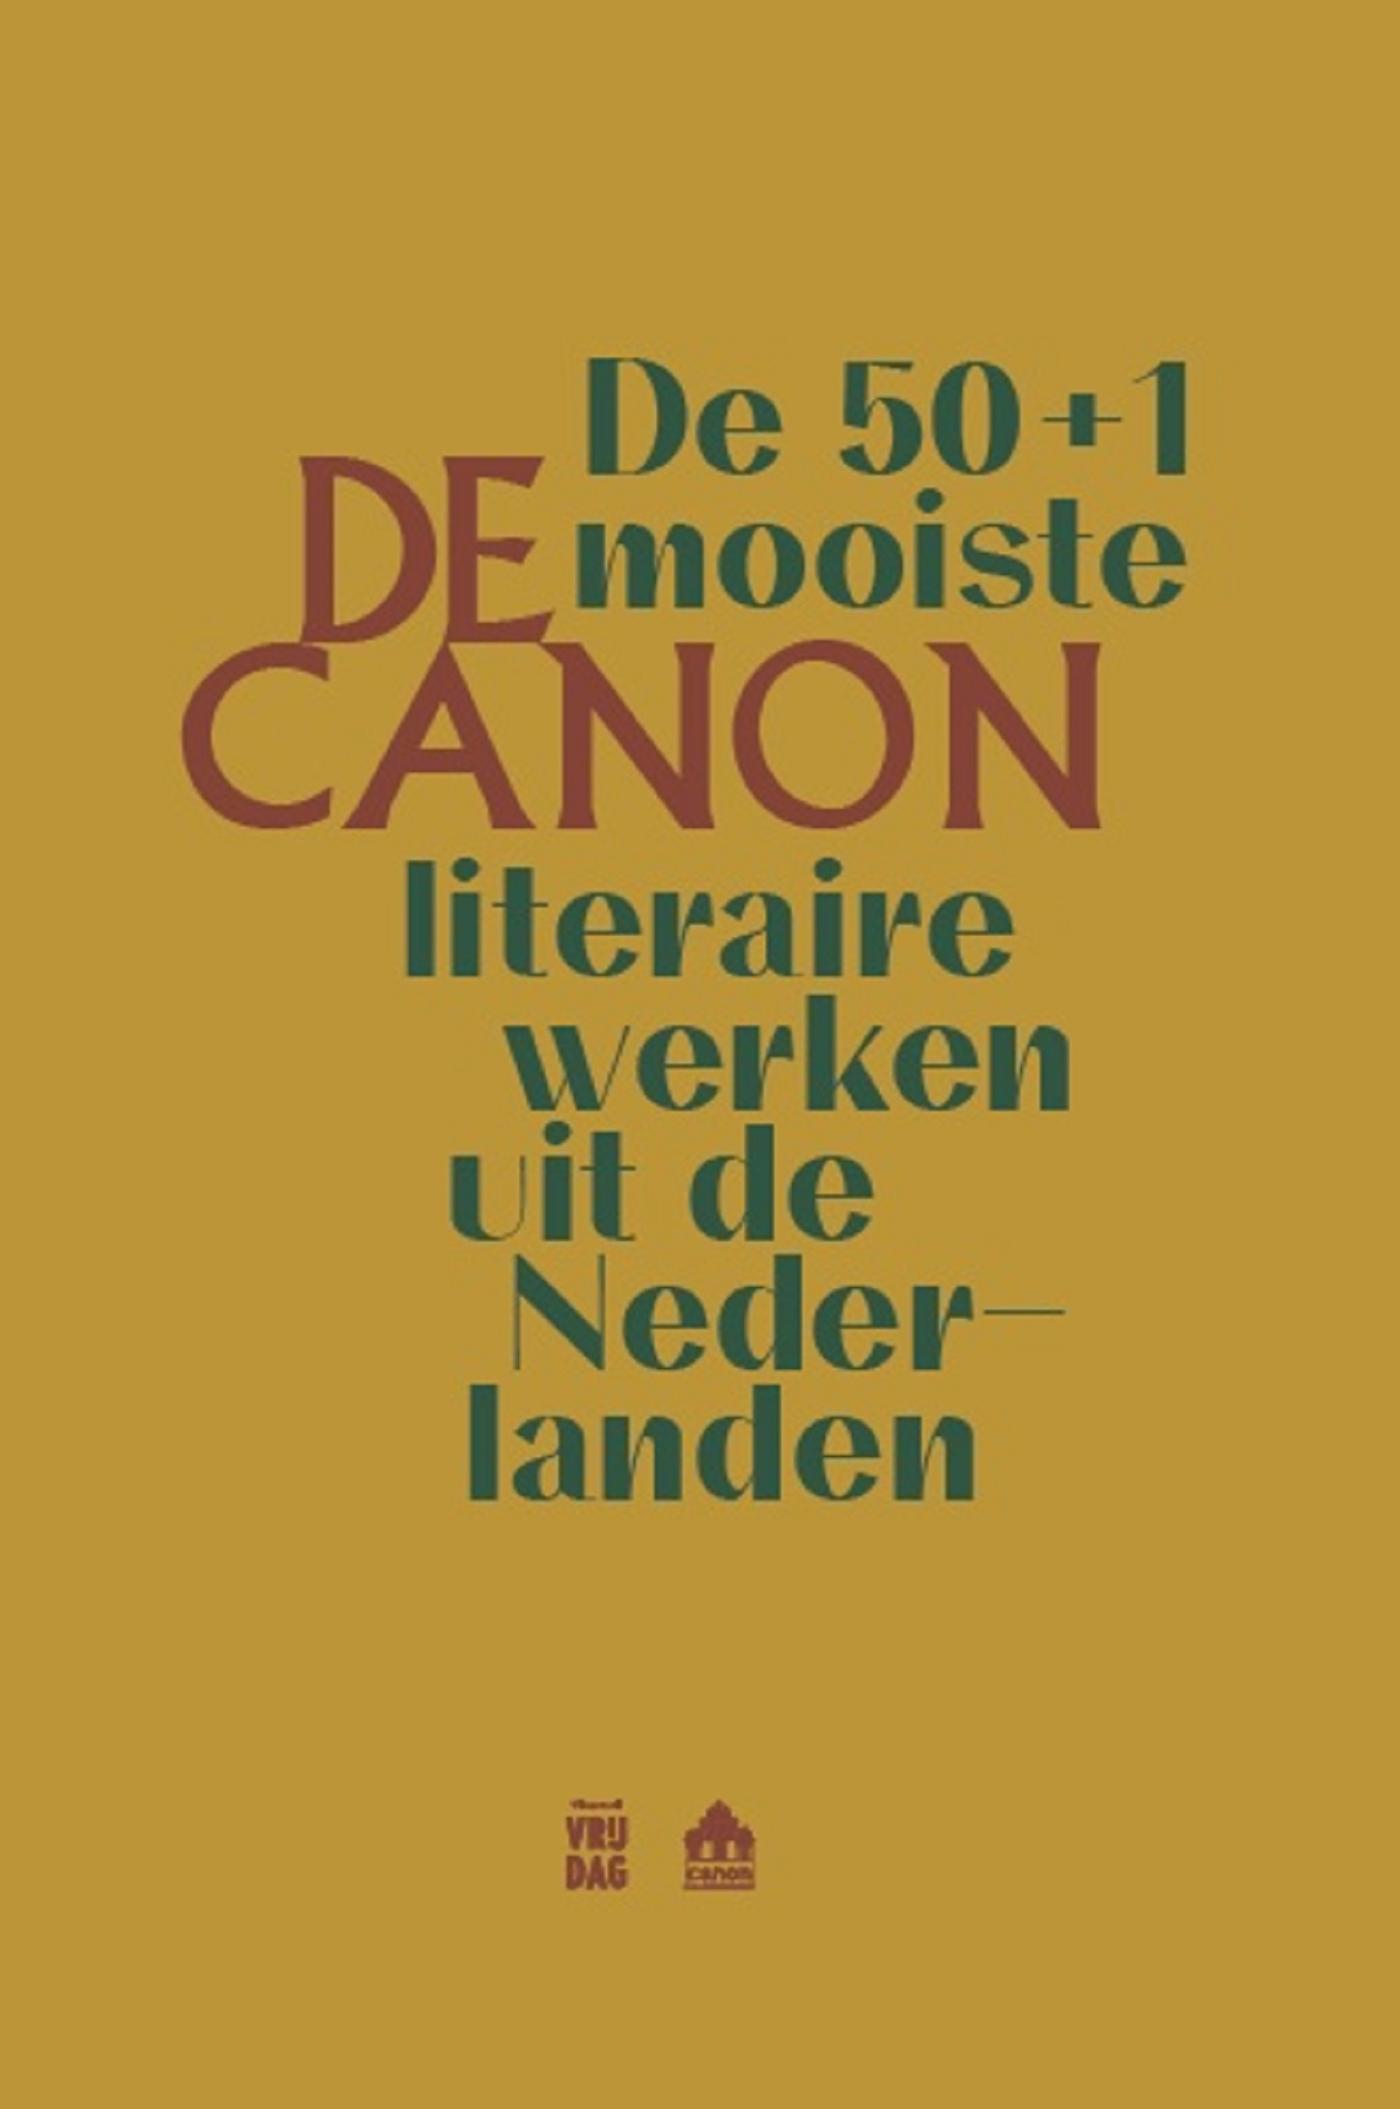 De Canon. De 50+1 mooiste literaire teksten uit de Nederlanden